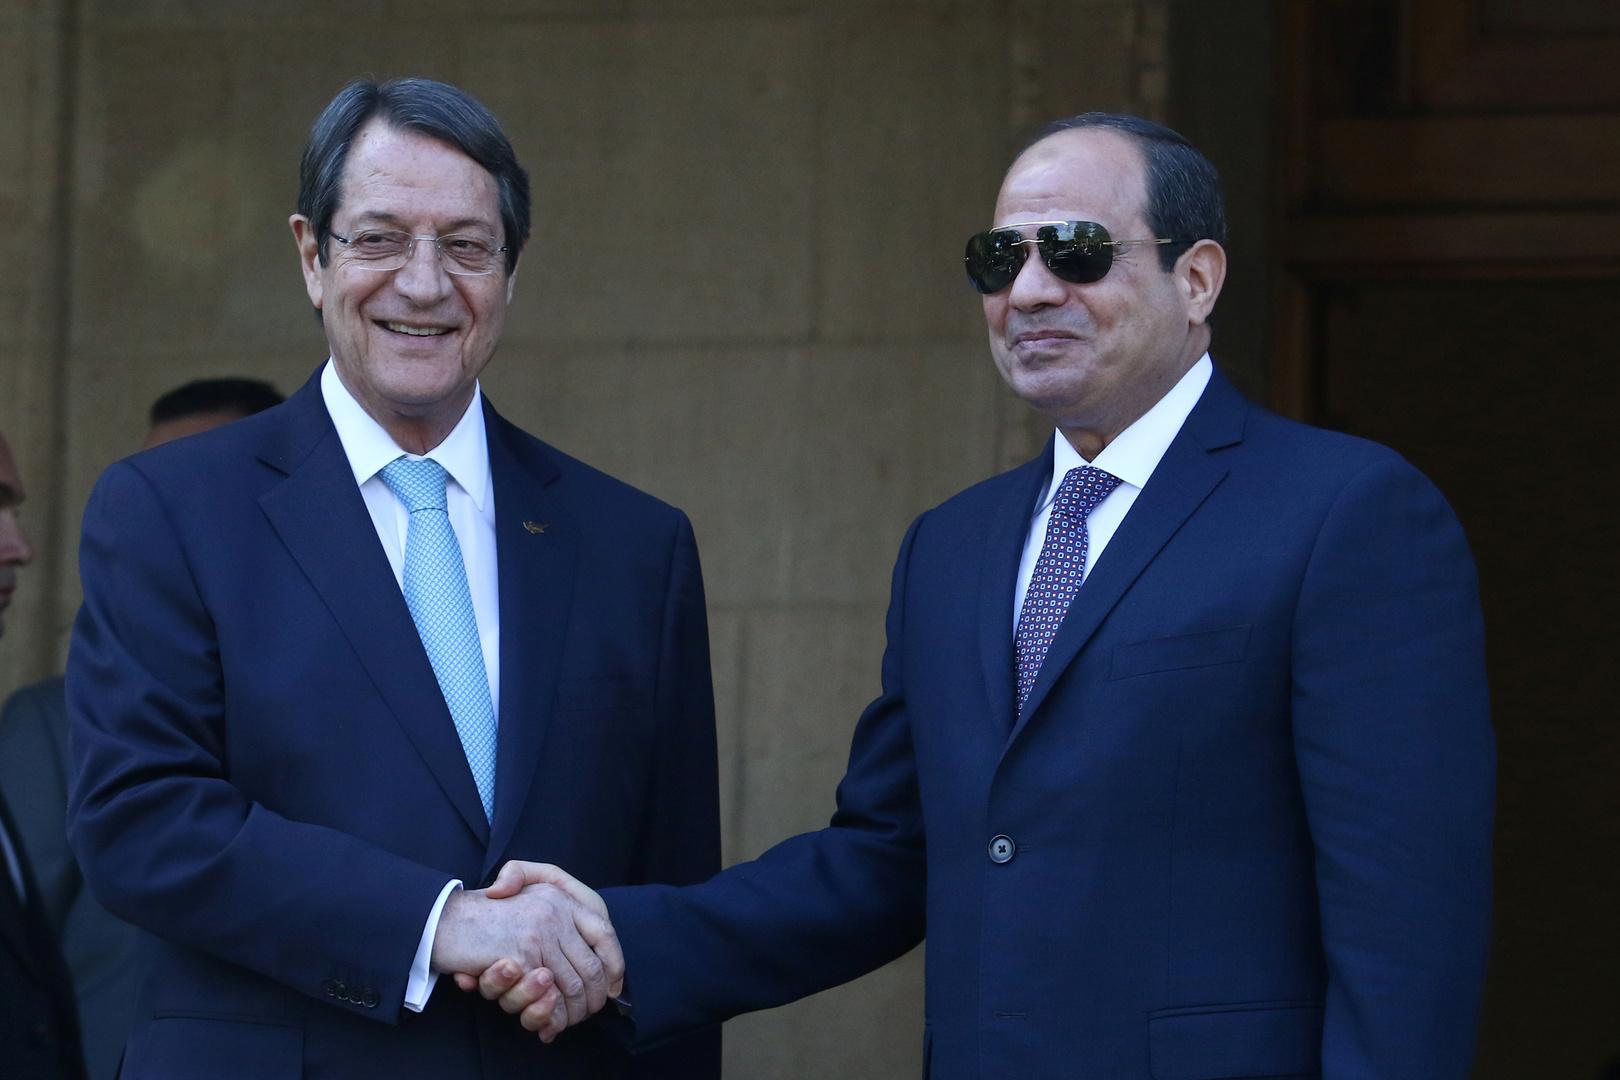 السيسي يلتقي نظيره القبرصي ويحذر من تداعيات أزمة سد النهضة ويدعو لإخراج القوات الأجنبية في ليبيا